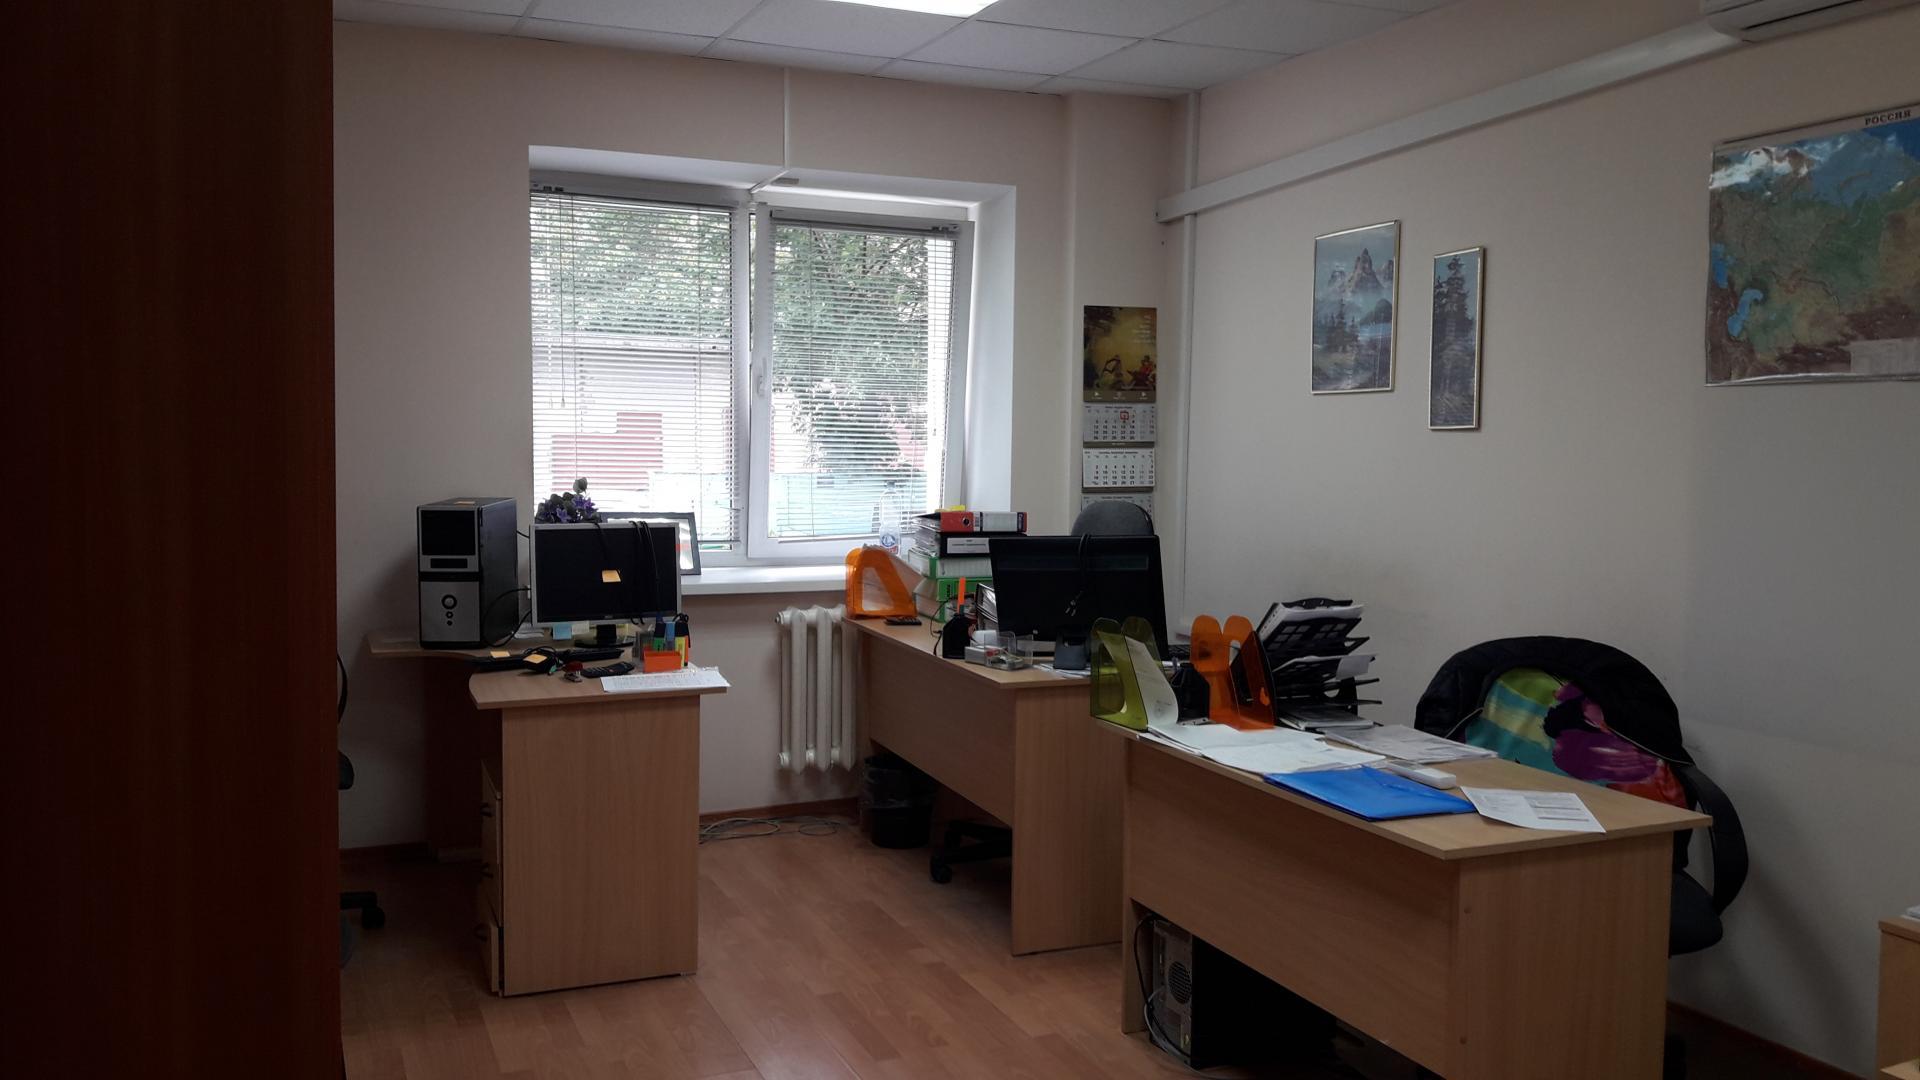 Office в аренду по адресу Россия, Тверская область, городской округ Тверь, Тверь, улица Коробкова, 14